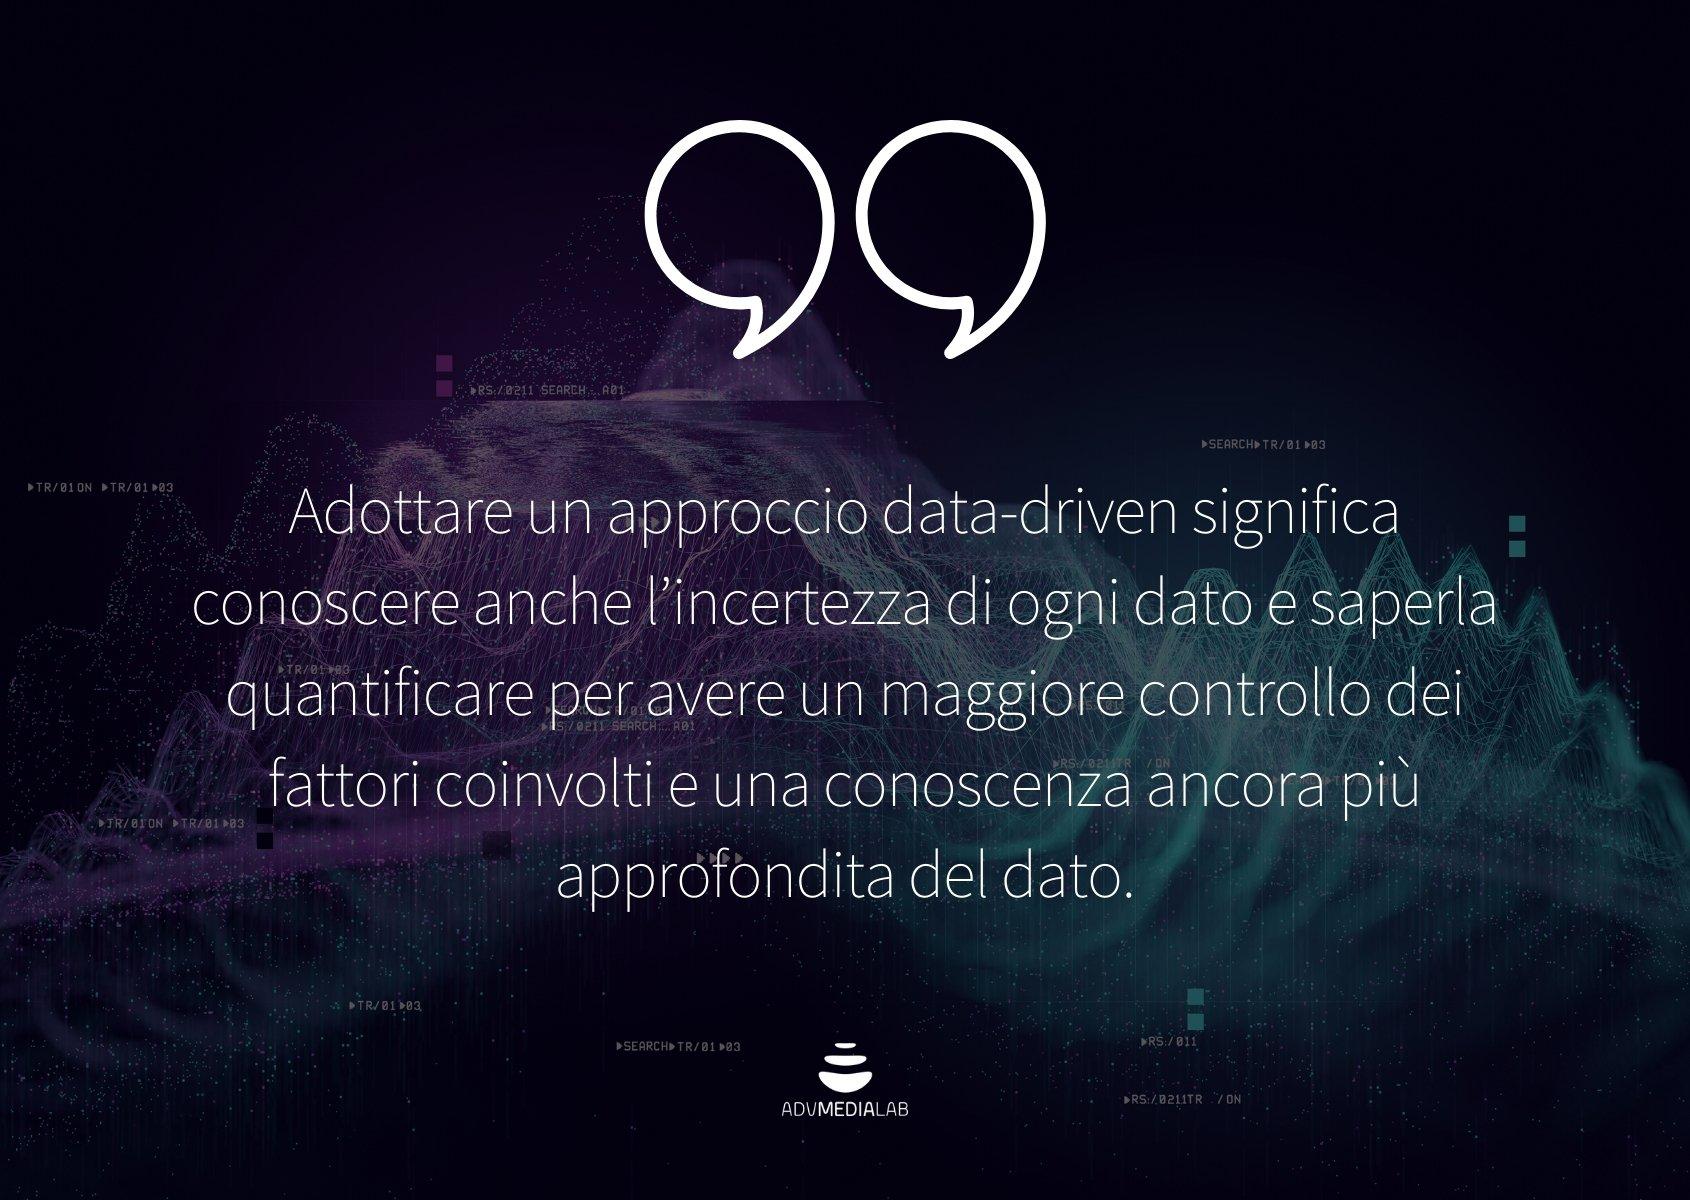 Cultura-data-drive-quote4